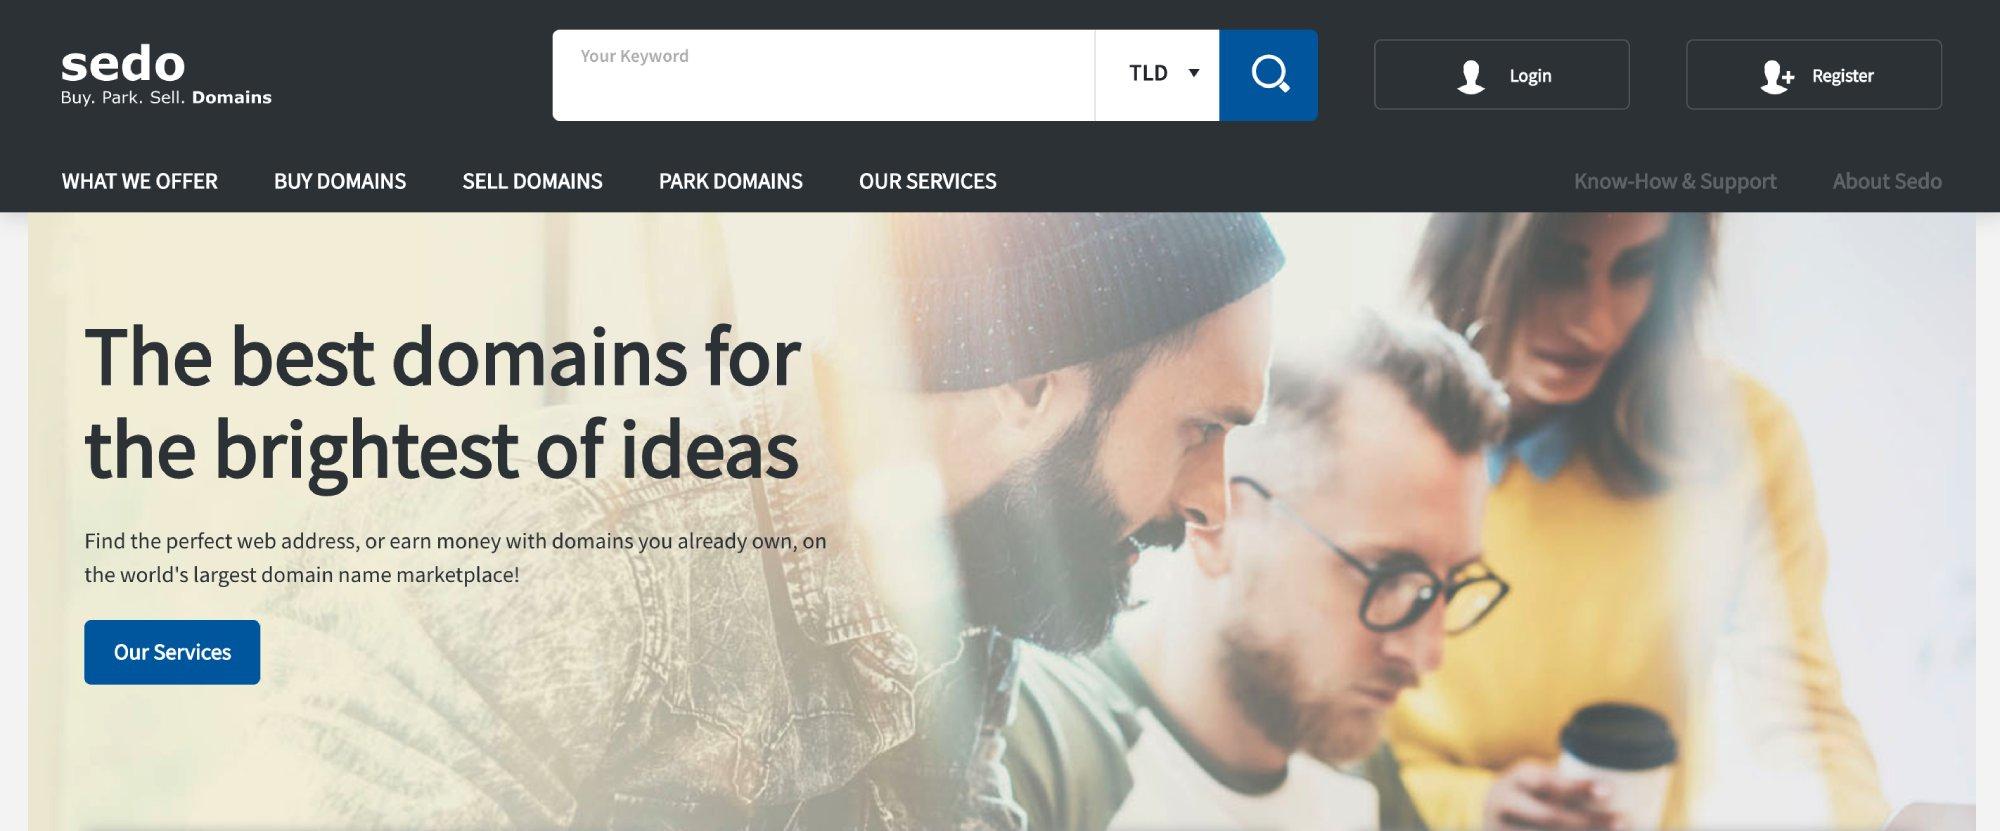 Sedo offer premium domain names for sale